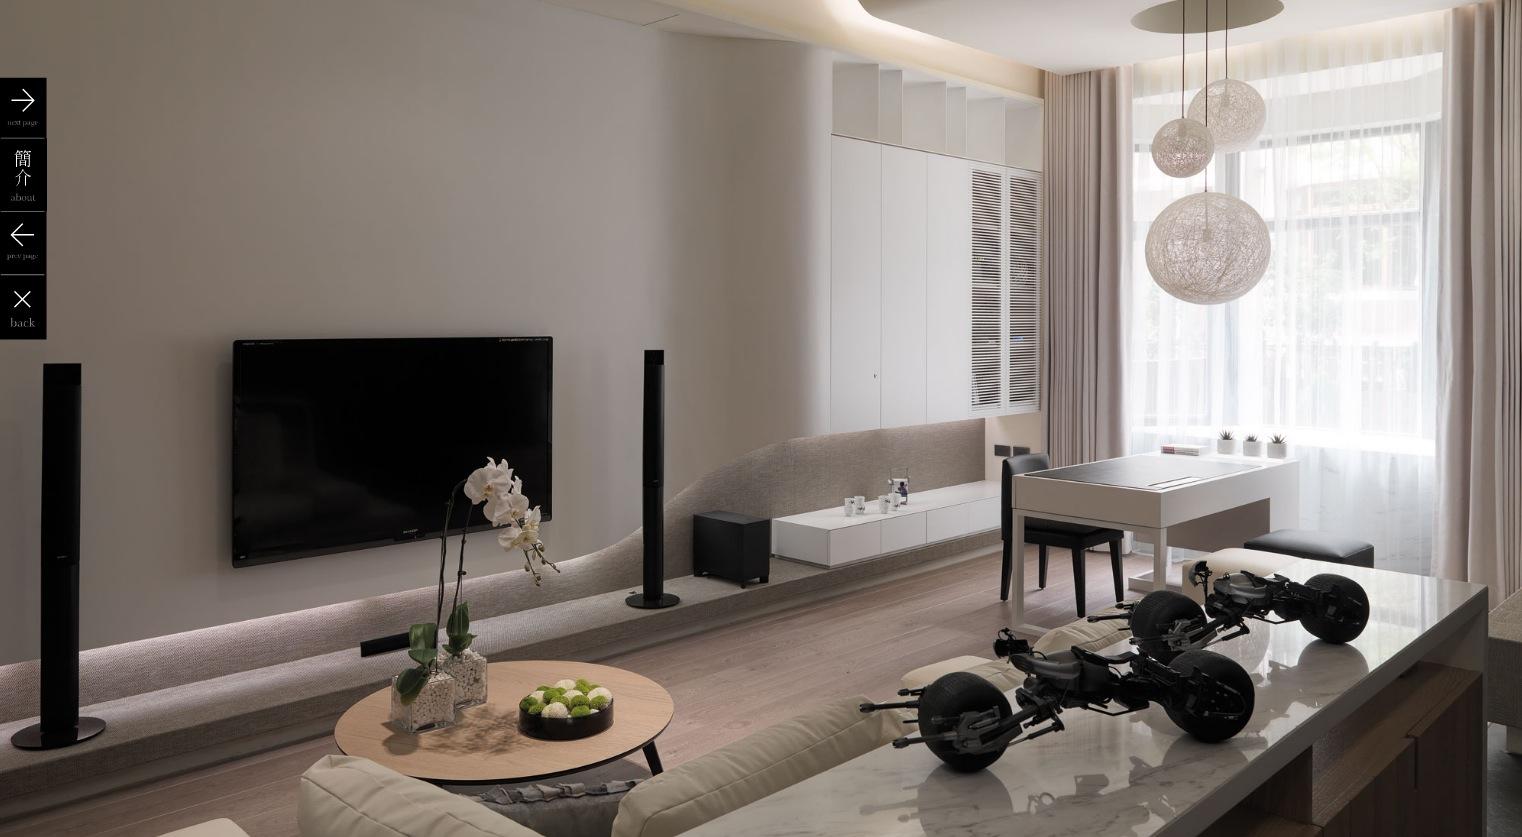 Favoritt Elegant CE Df Afa DB Af Dd Med Stunning Inspirasjon | rosa himmel VI-14